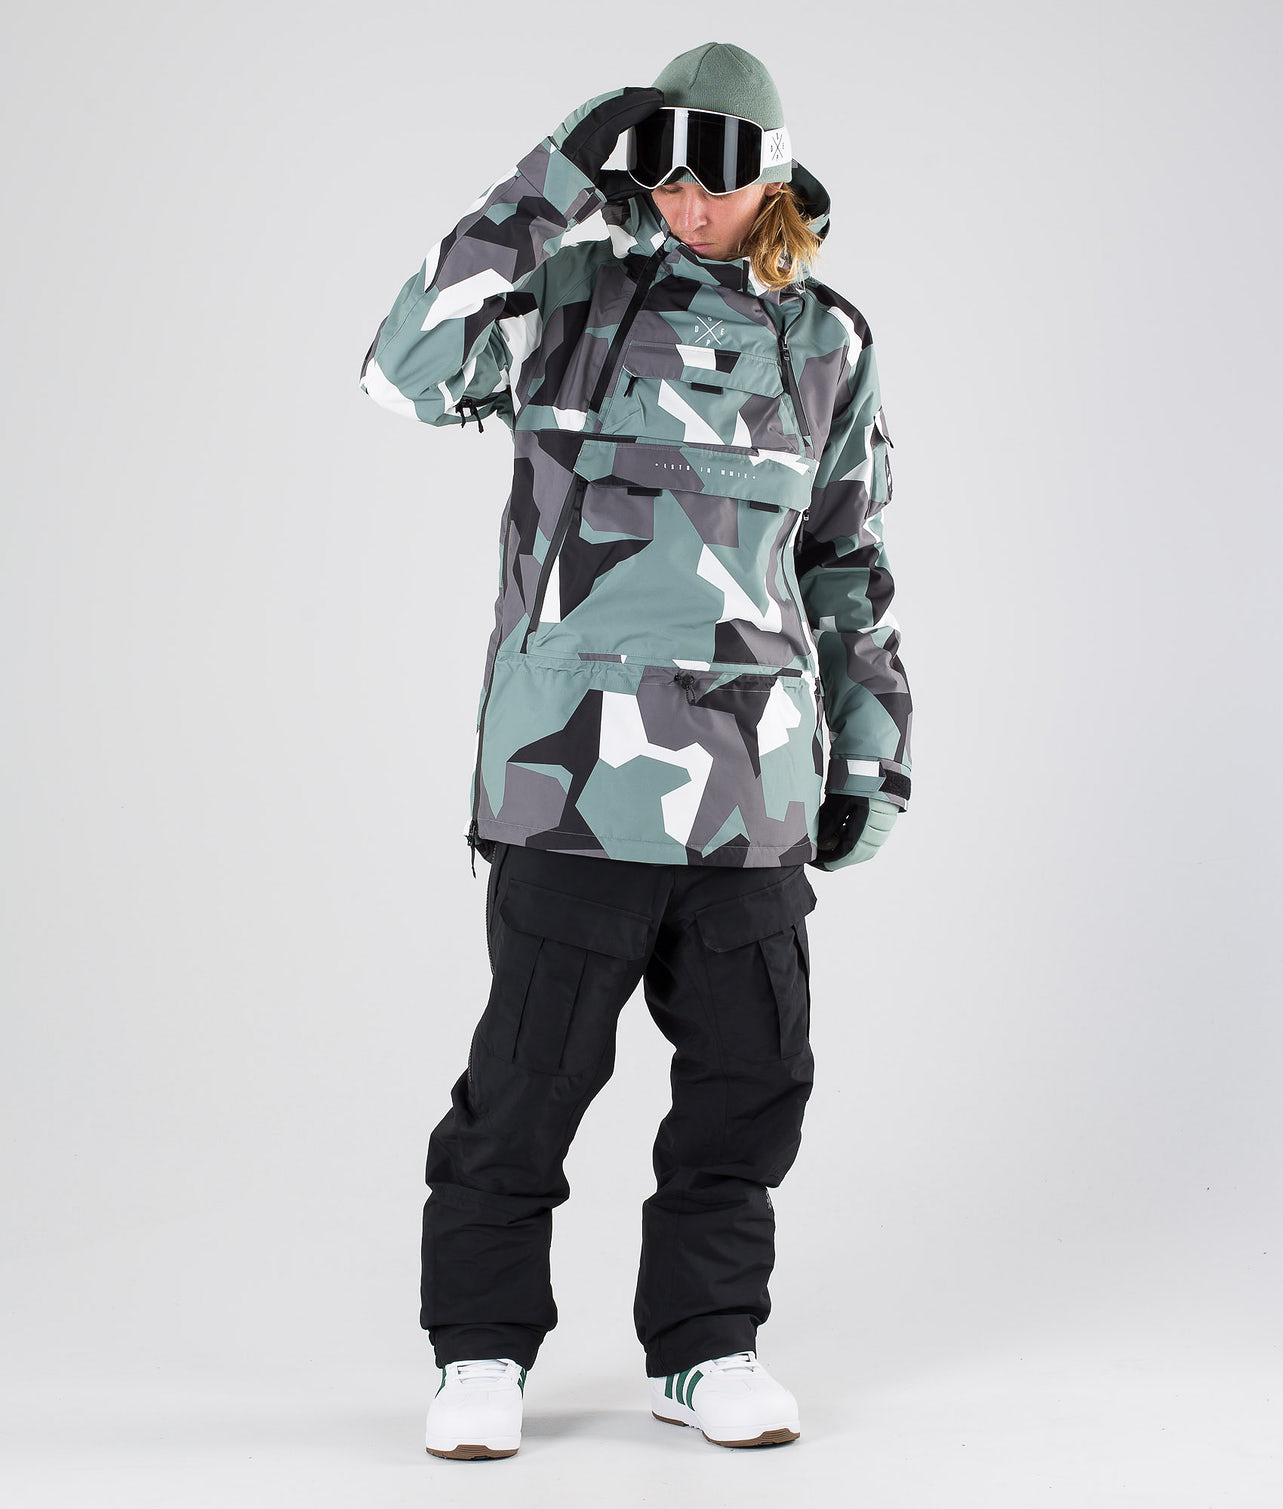 Kjøp Akin Snowboardjakke fra Dope på Ridestore.no - Hos oss har du alltid fri frakt, fri retur og 30 dagers åpent kjøp!